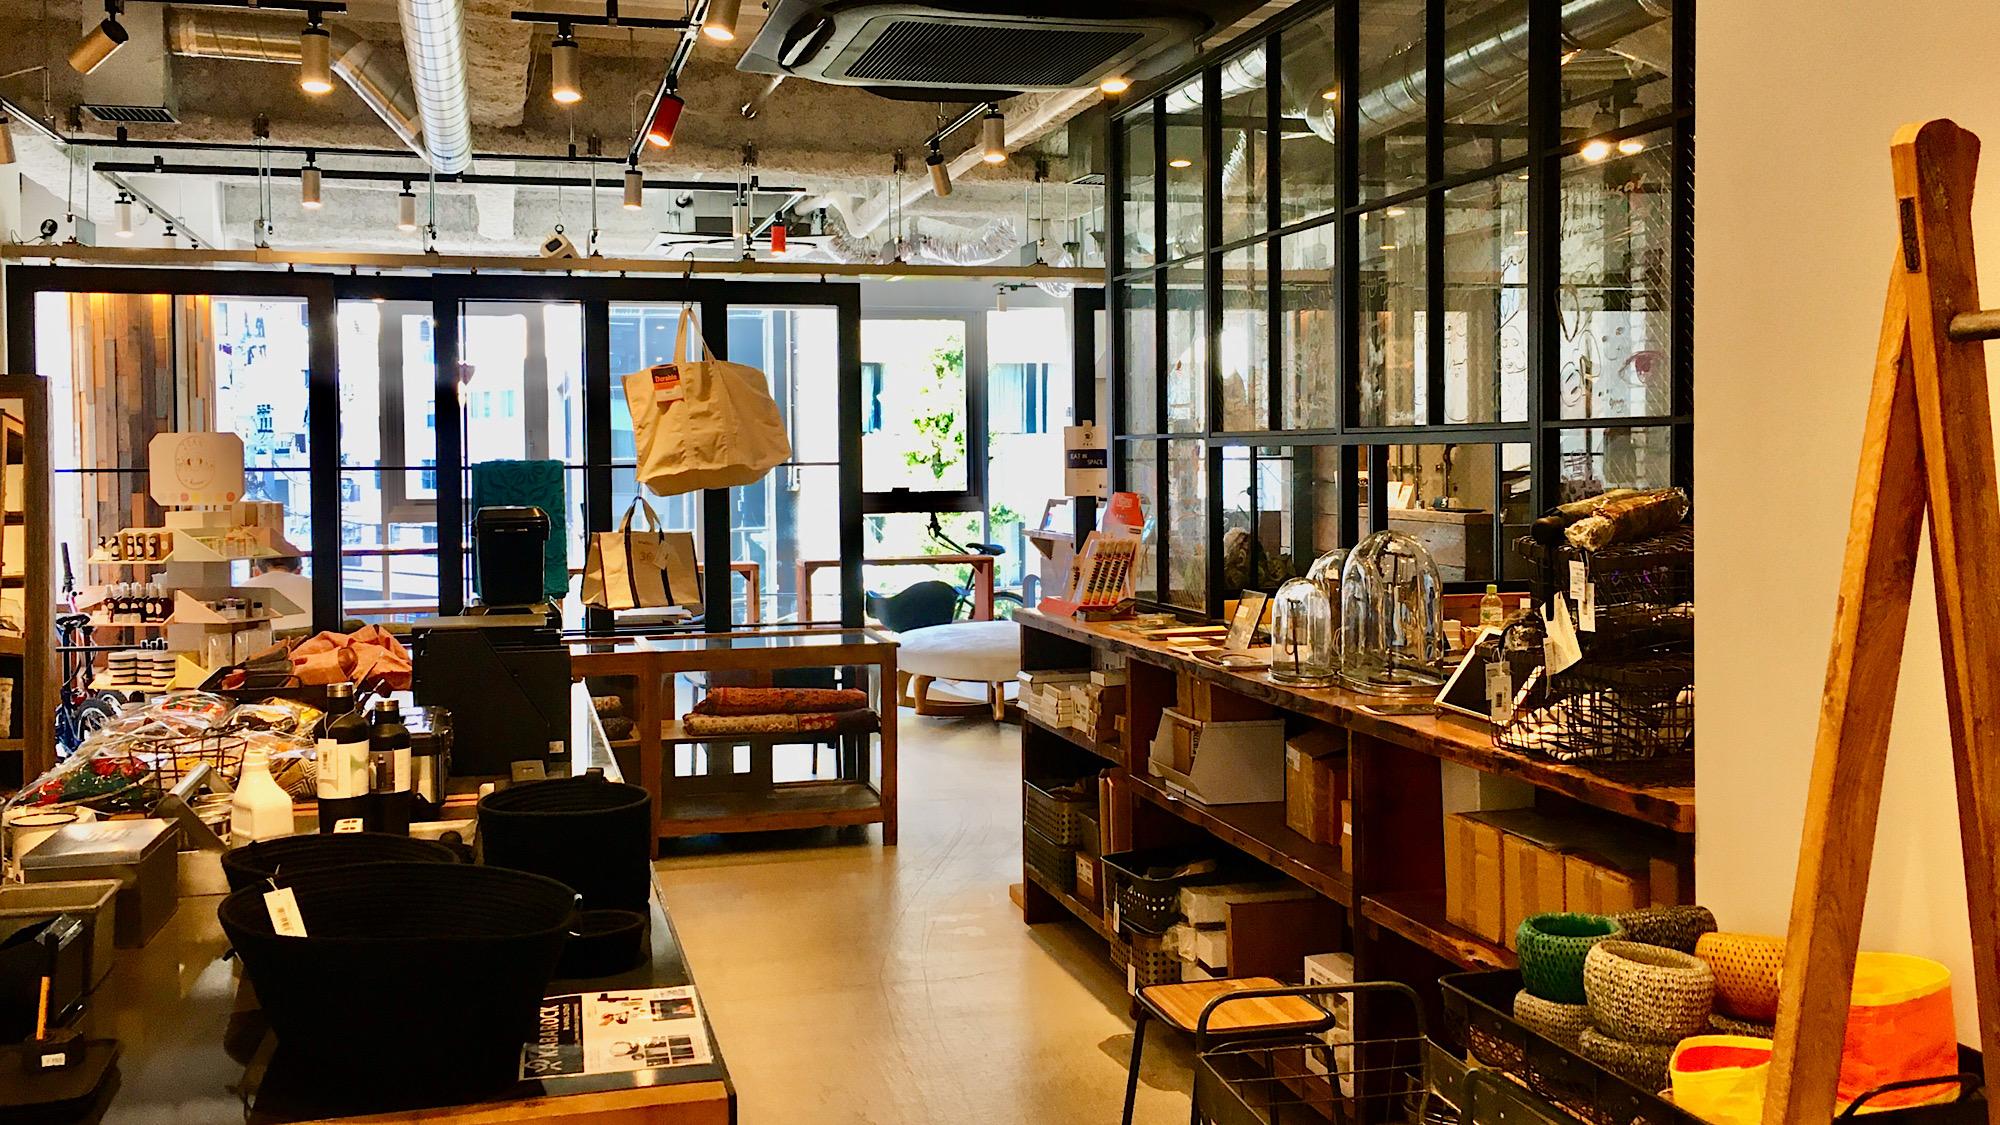 【東京のブルックリン】浅草蔵前で手作りにこだわる可愛いカフェに行ってきた!_5